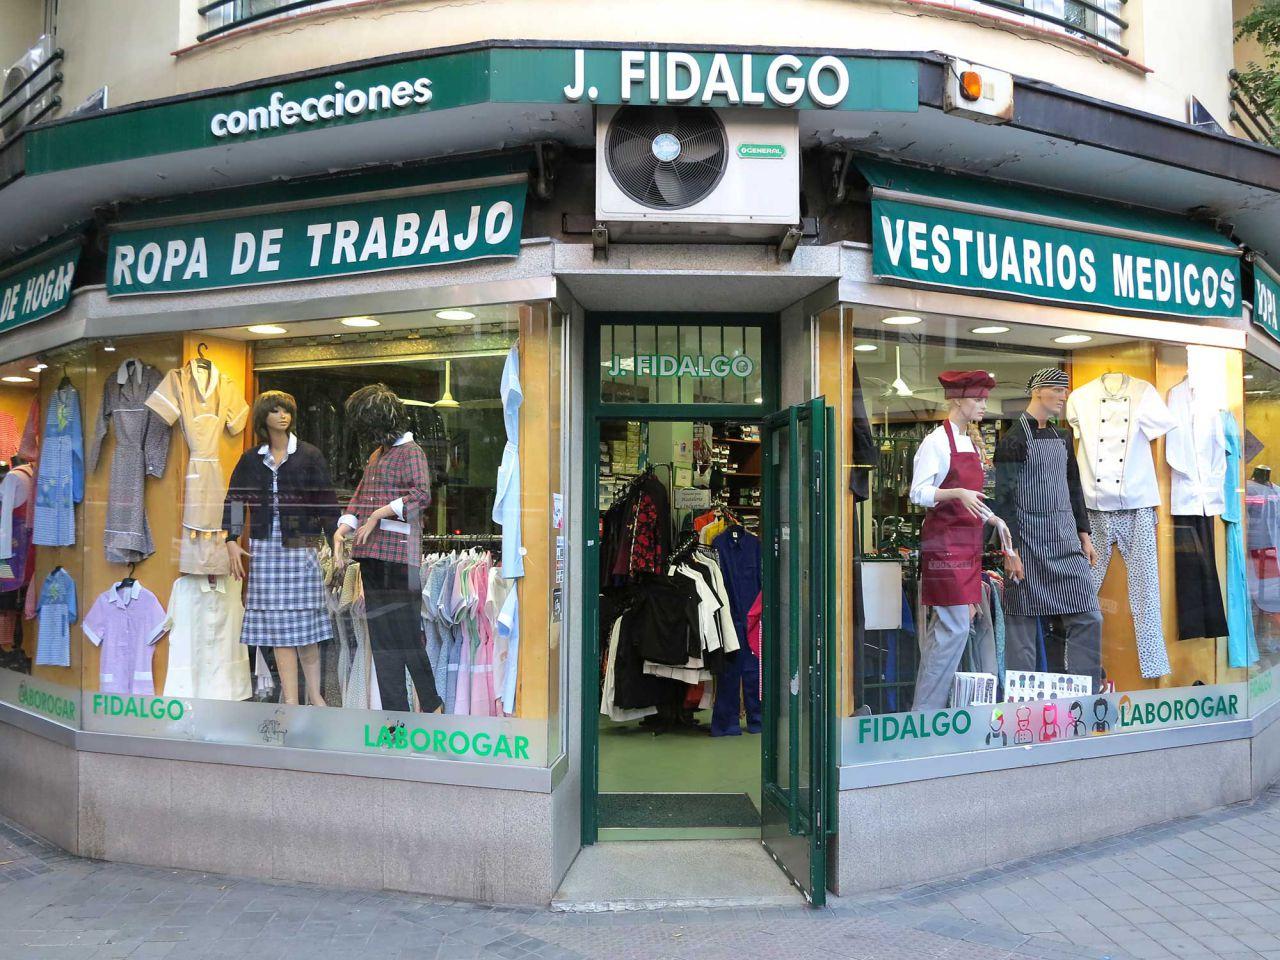 Nº 55. confecciones fidalgo  LABOROGAR Tlf. 914 02 84 53  www.confeccionesfidalgo.com